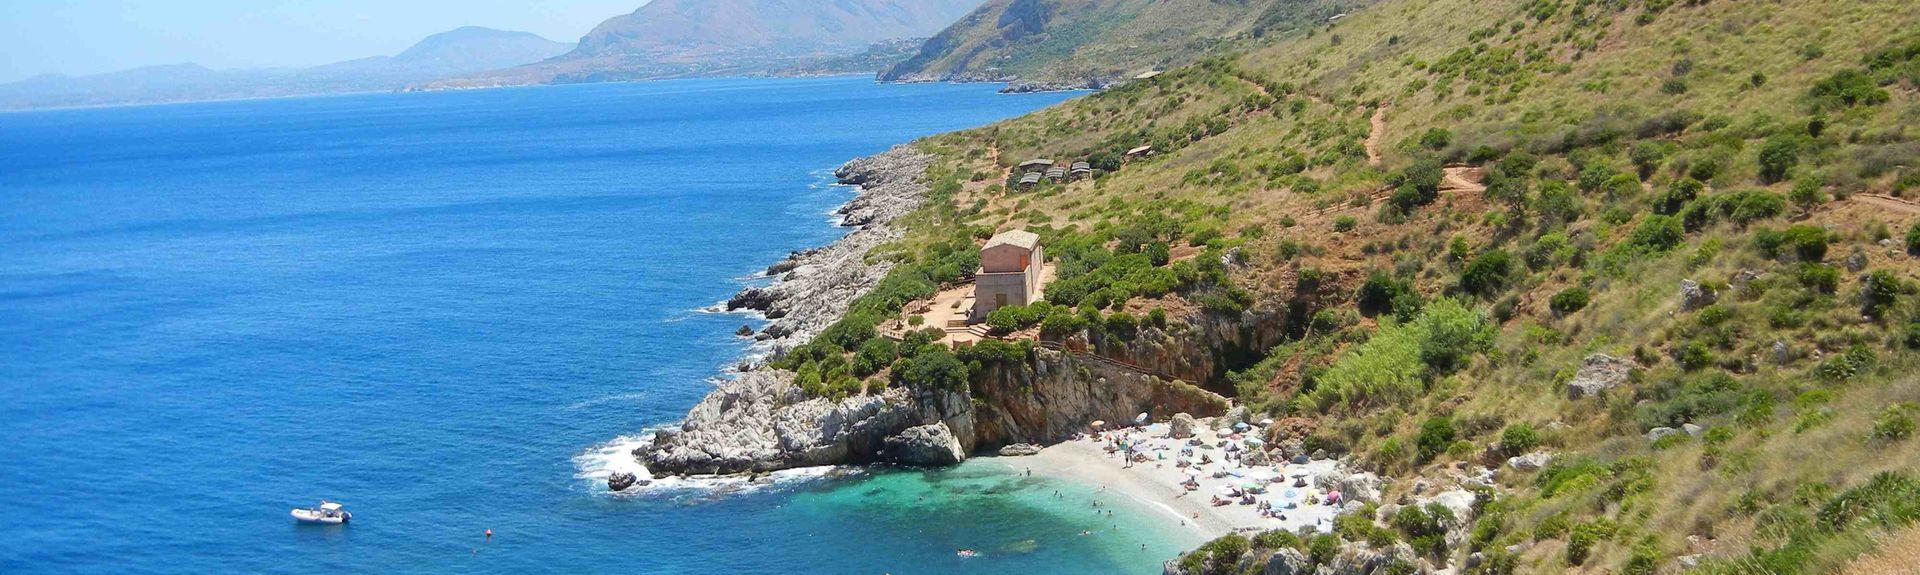 Monte Cofano Nature Reserve, Custonaci, Sicily, Italy